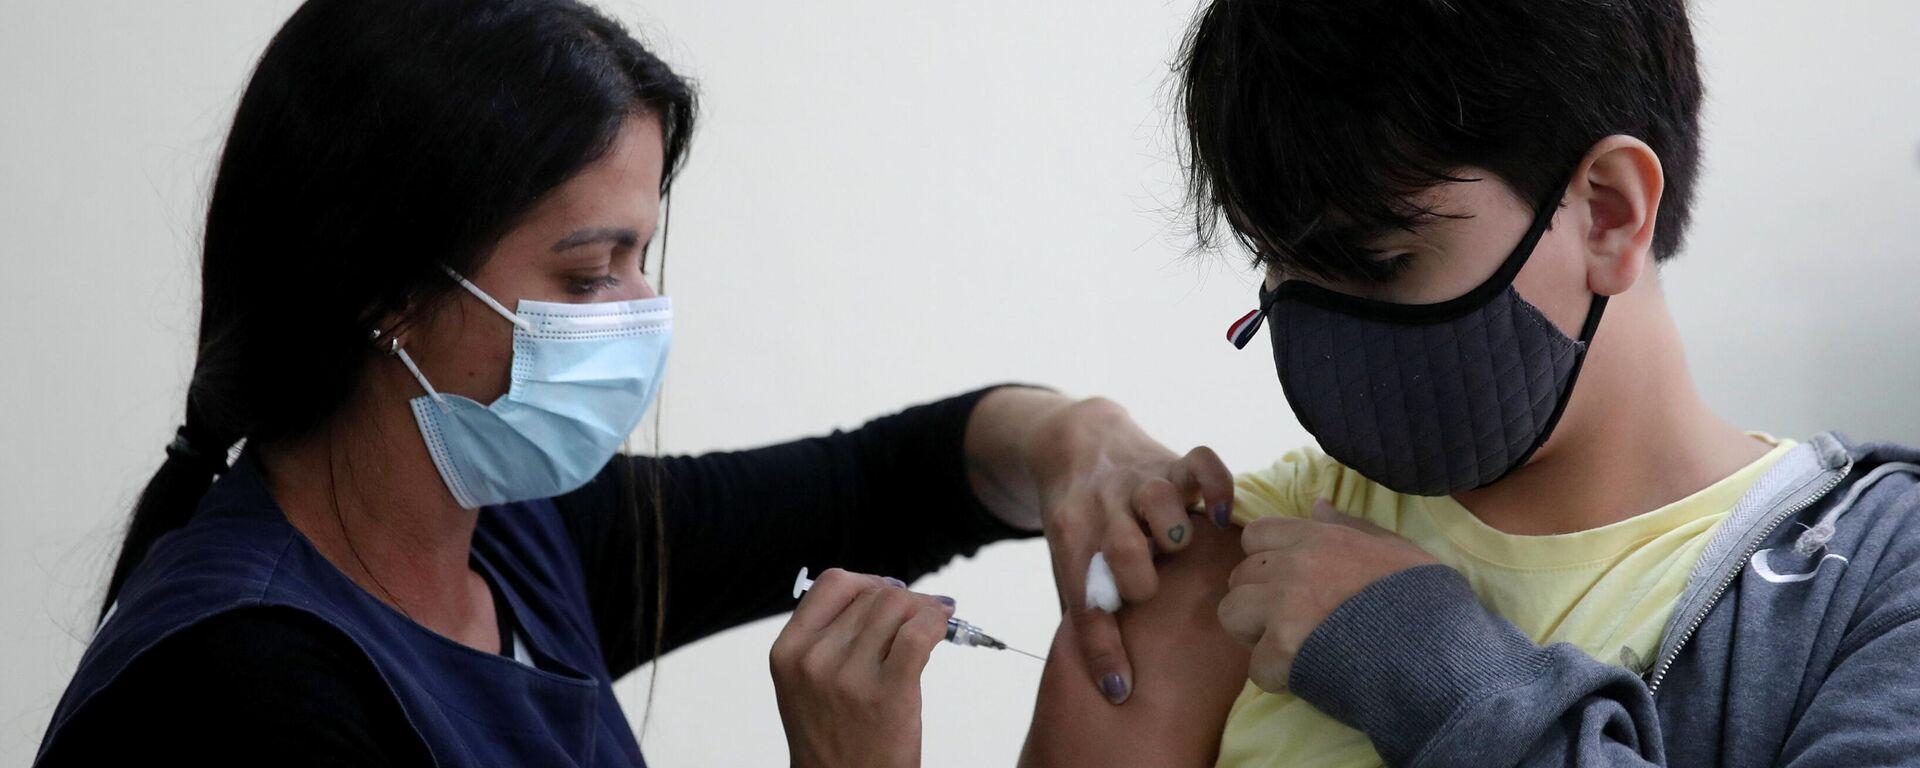 Vacunación de adolescentes en Brasil - Sputnik Mundo, 1920, 23.09.2021